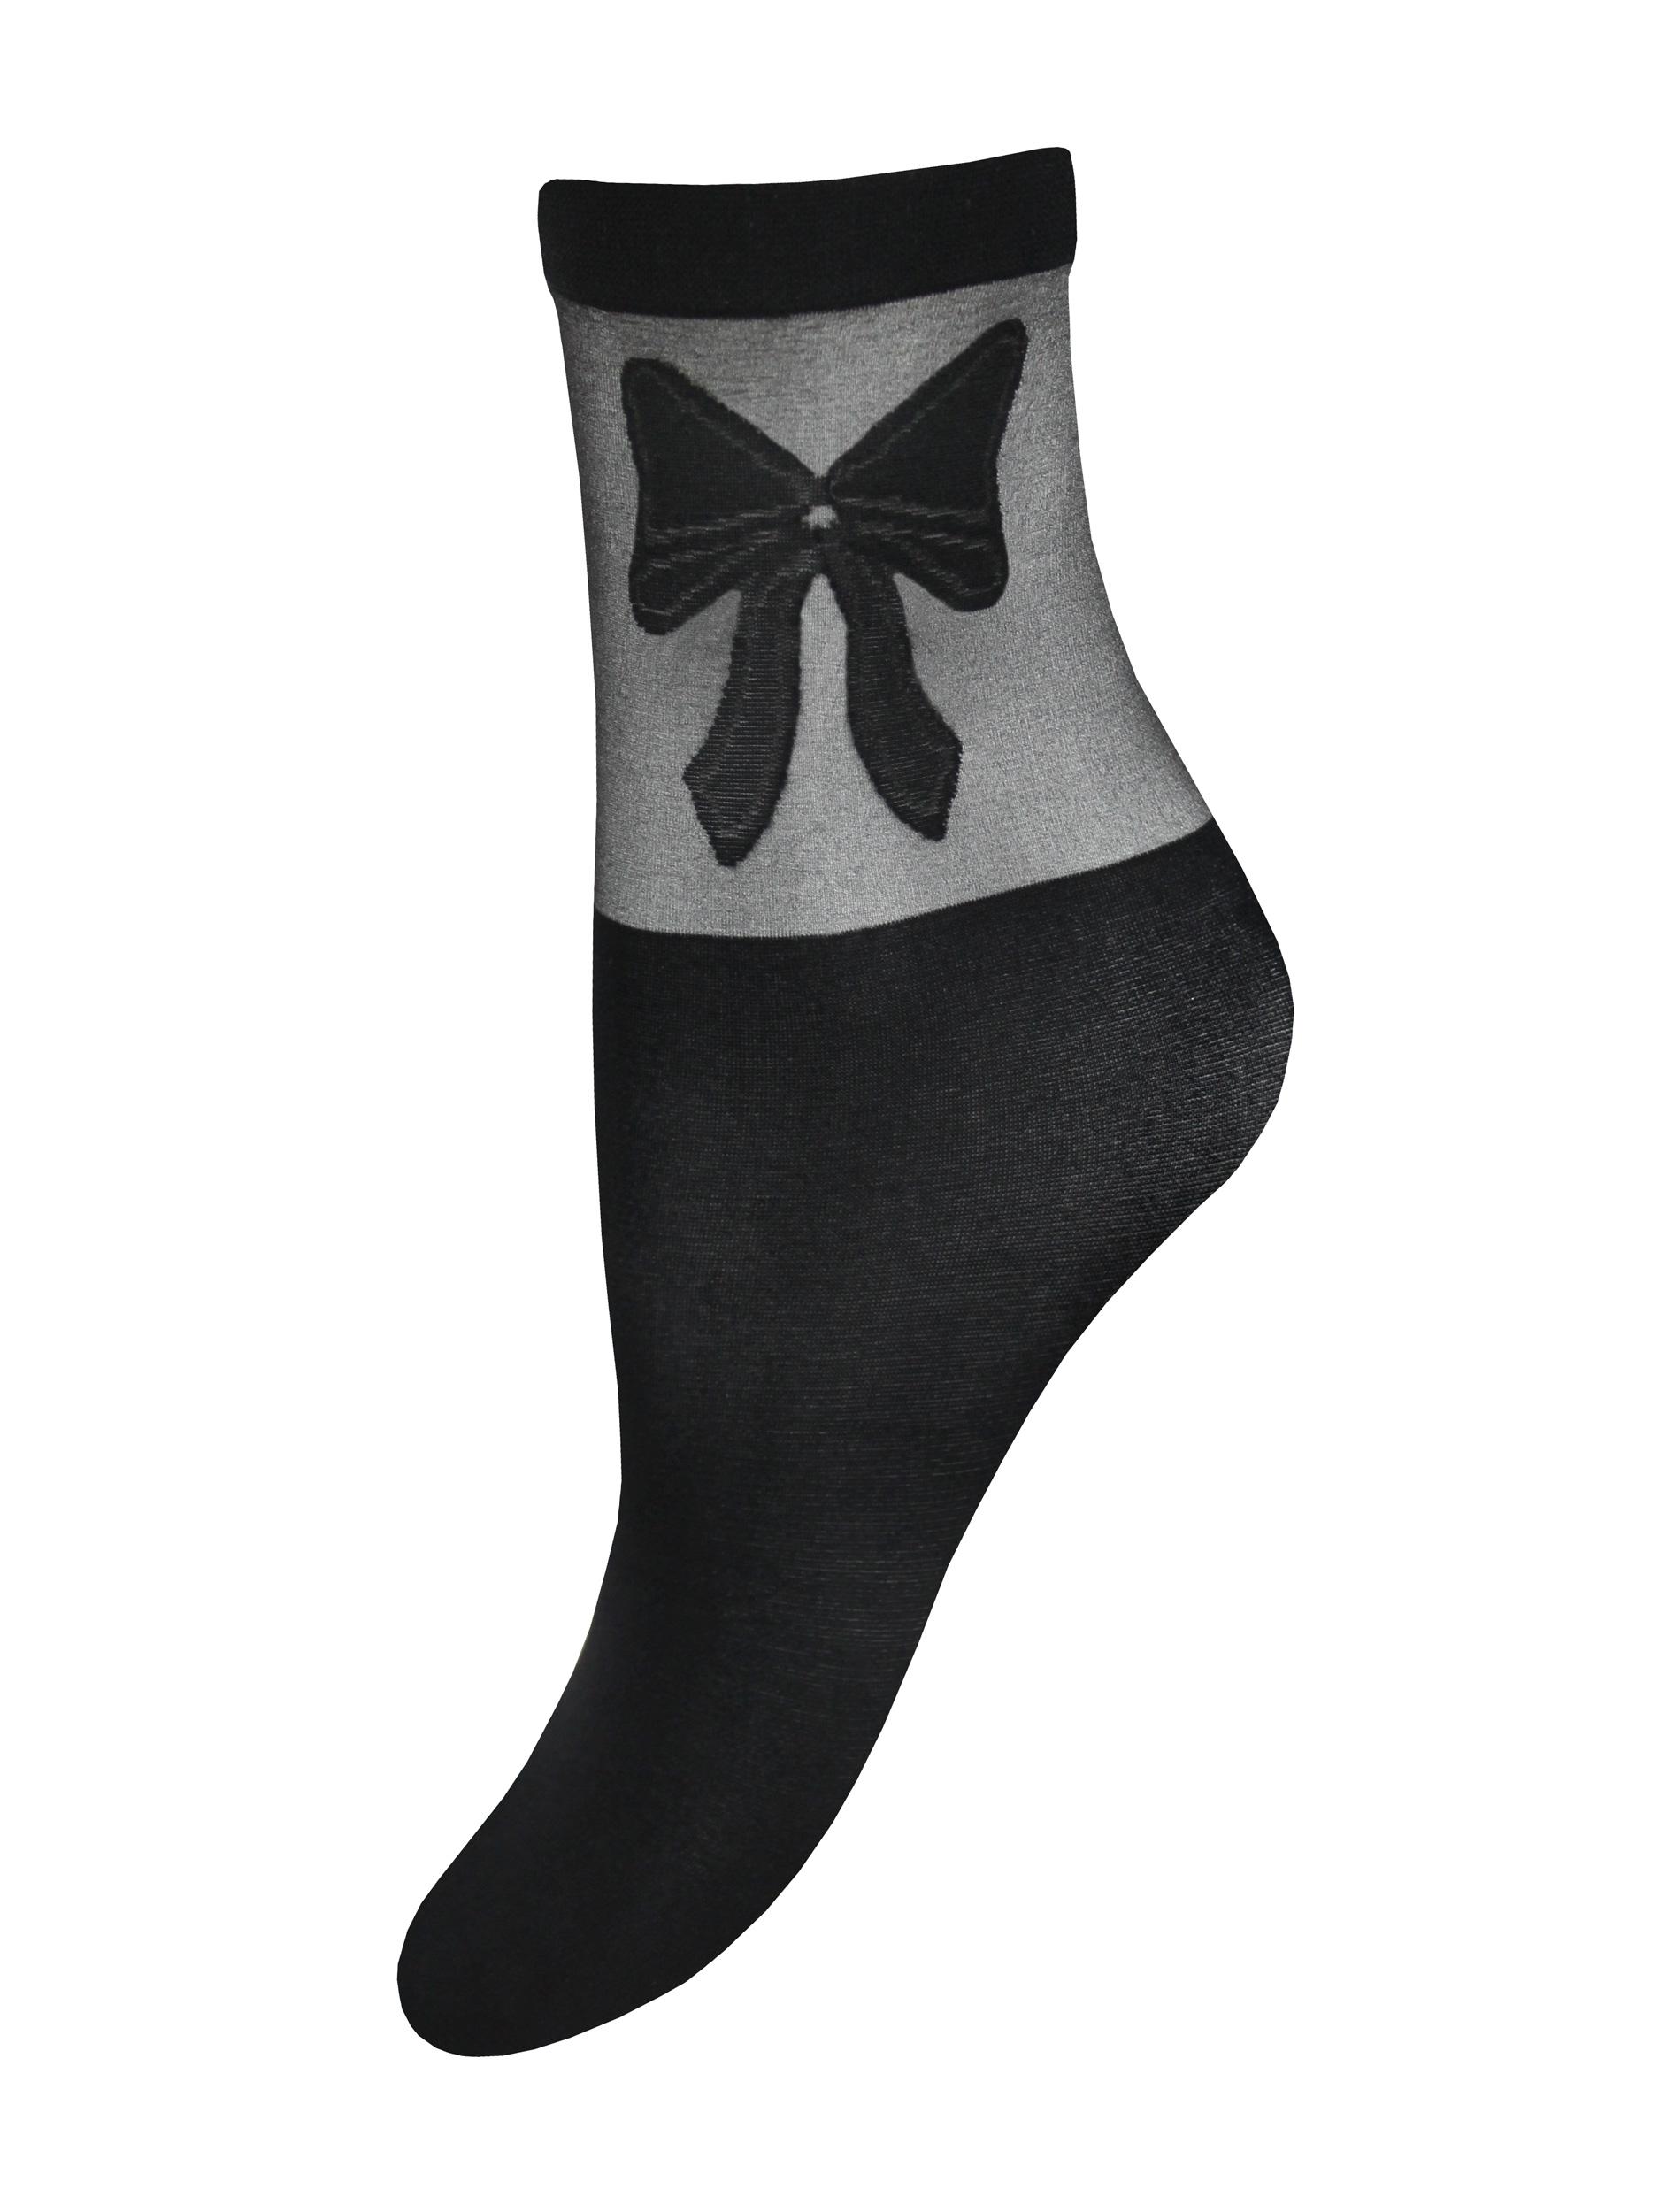 Капроновые носки женские Mademoiselle Ribbon (c.) UNI nero-nero (чёрные/черные)